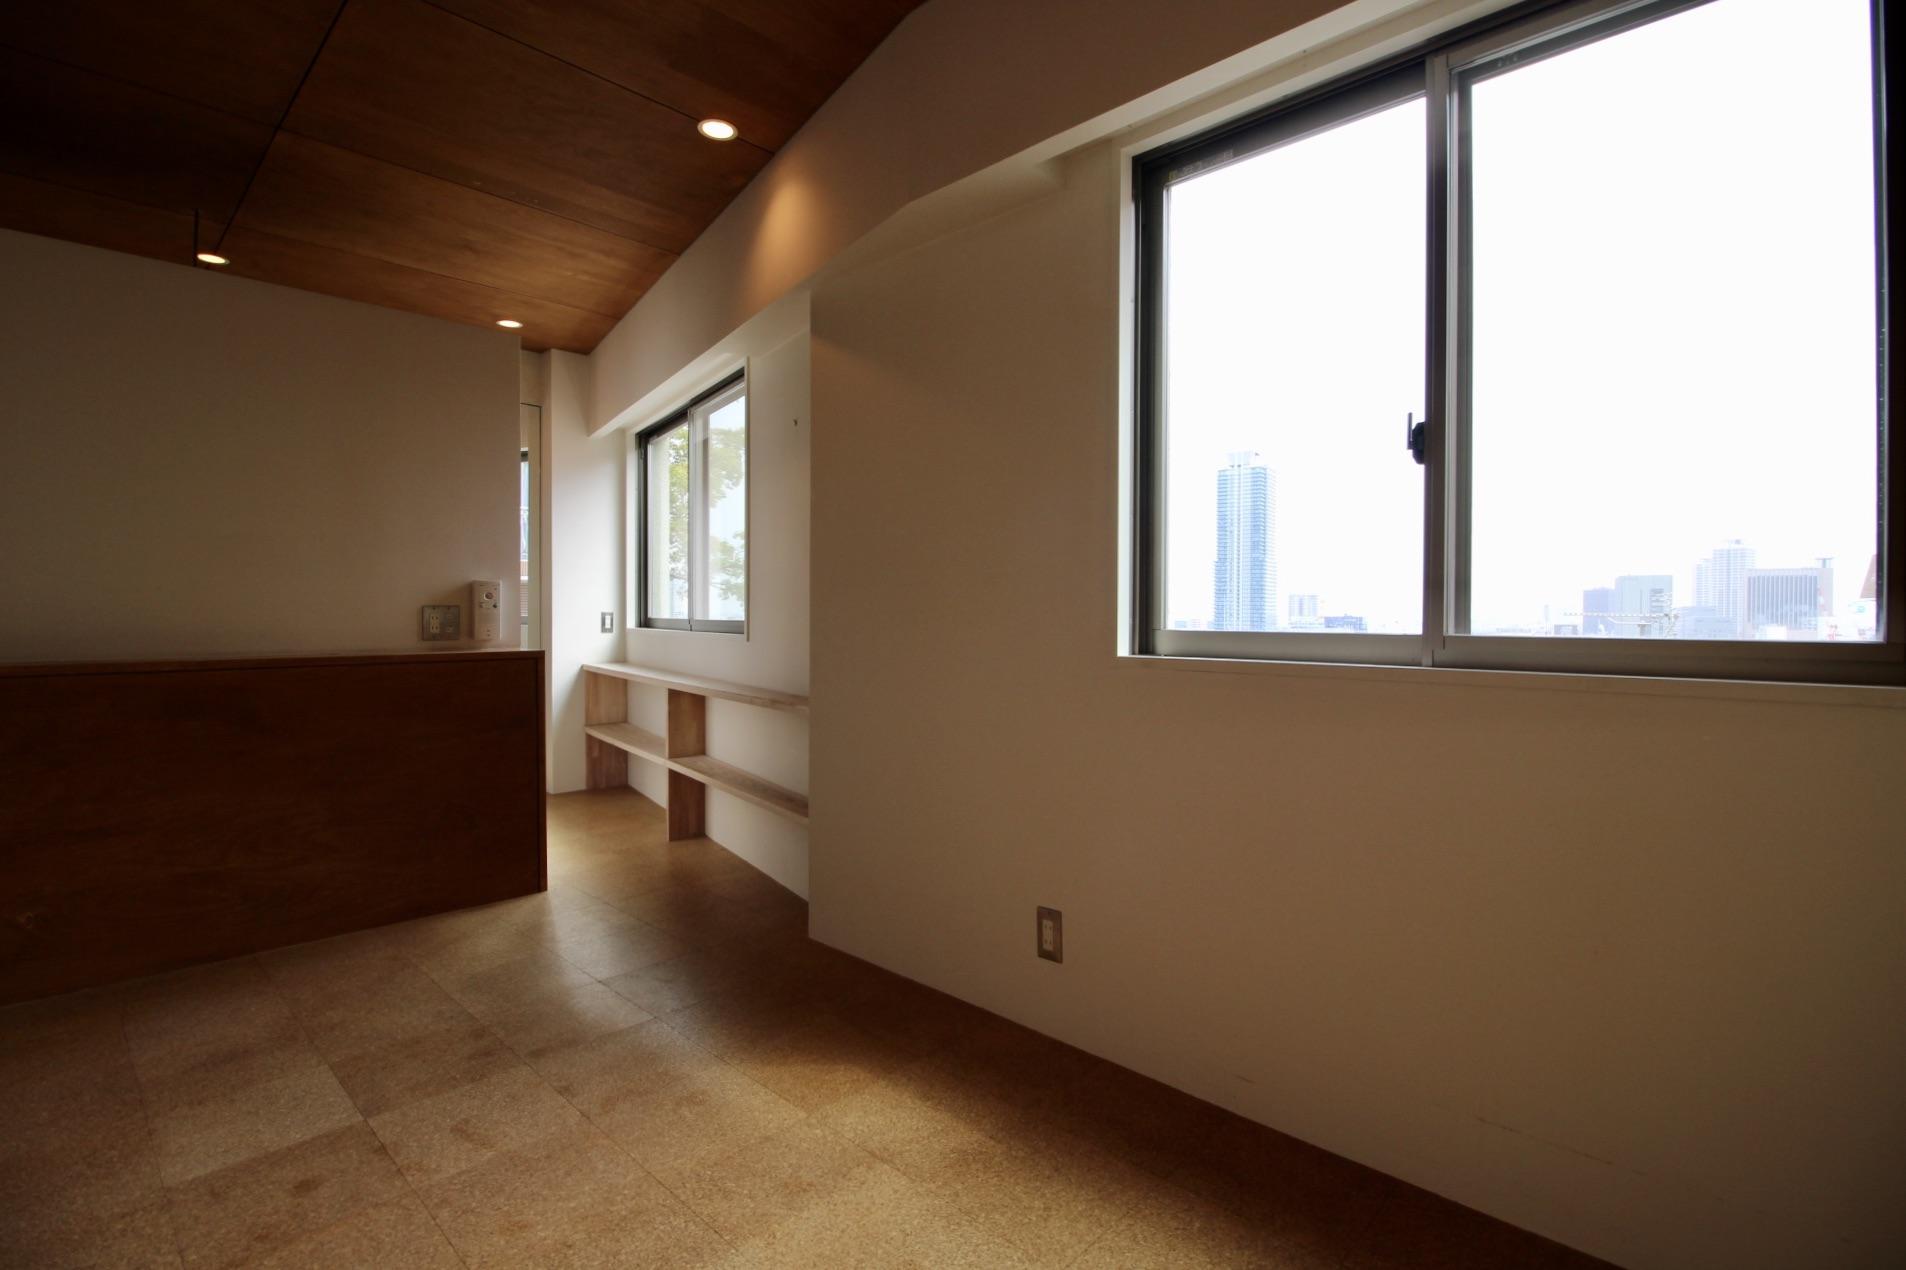 板張りの天井の寝室からの眺めも抜群